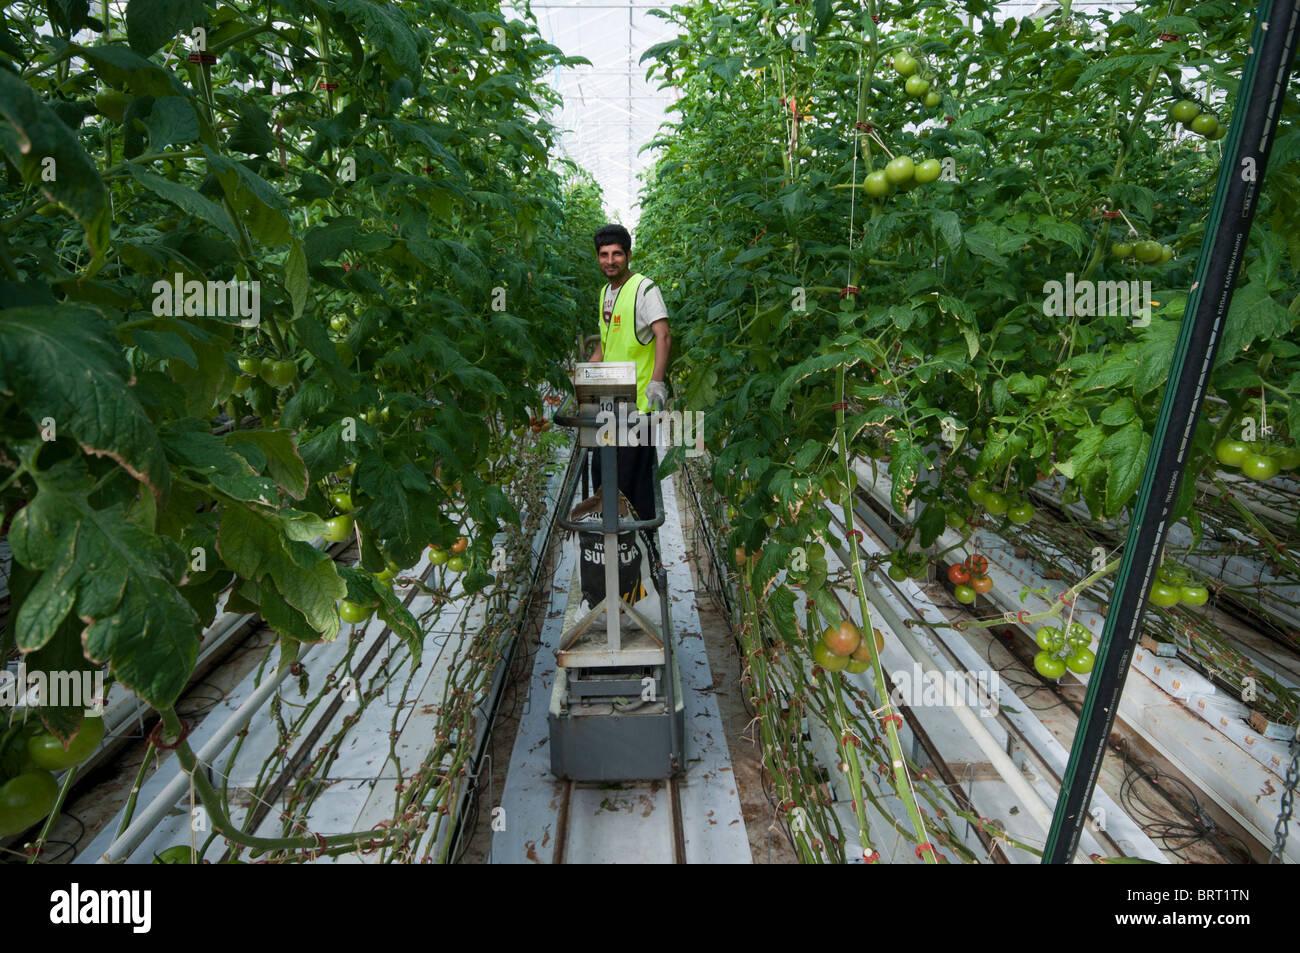 Arbeiter Die Verbreitung Von Schwefel Zum Schutz Vor Schimmel In